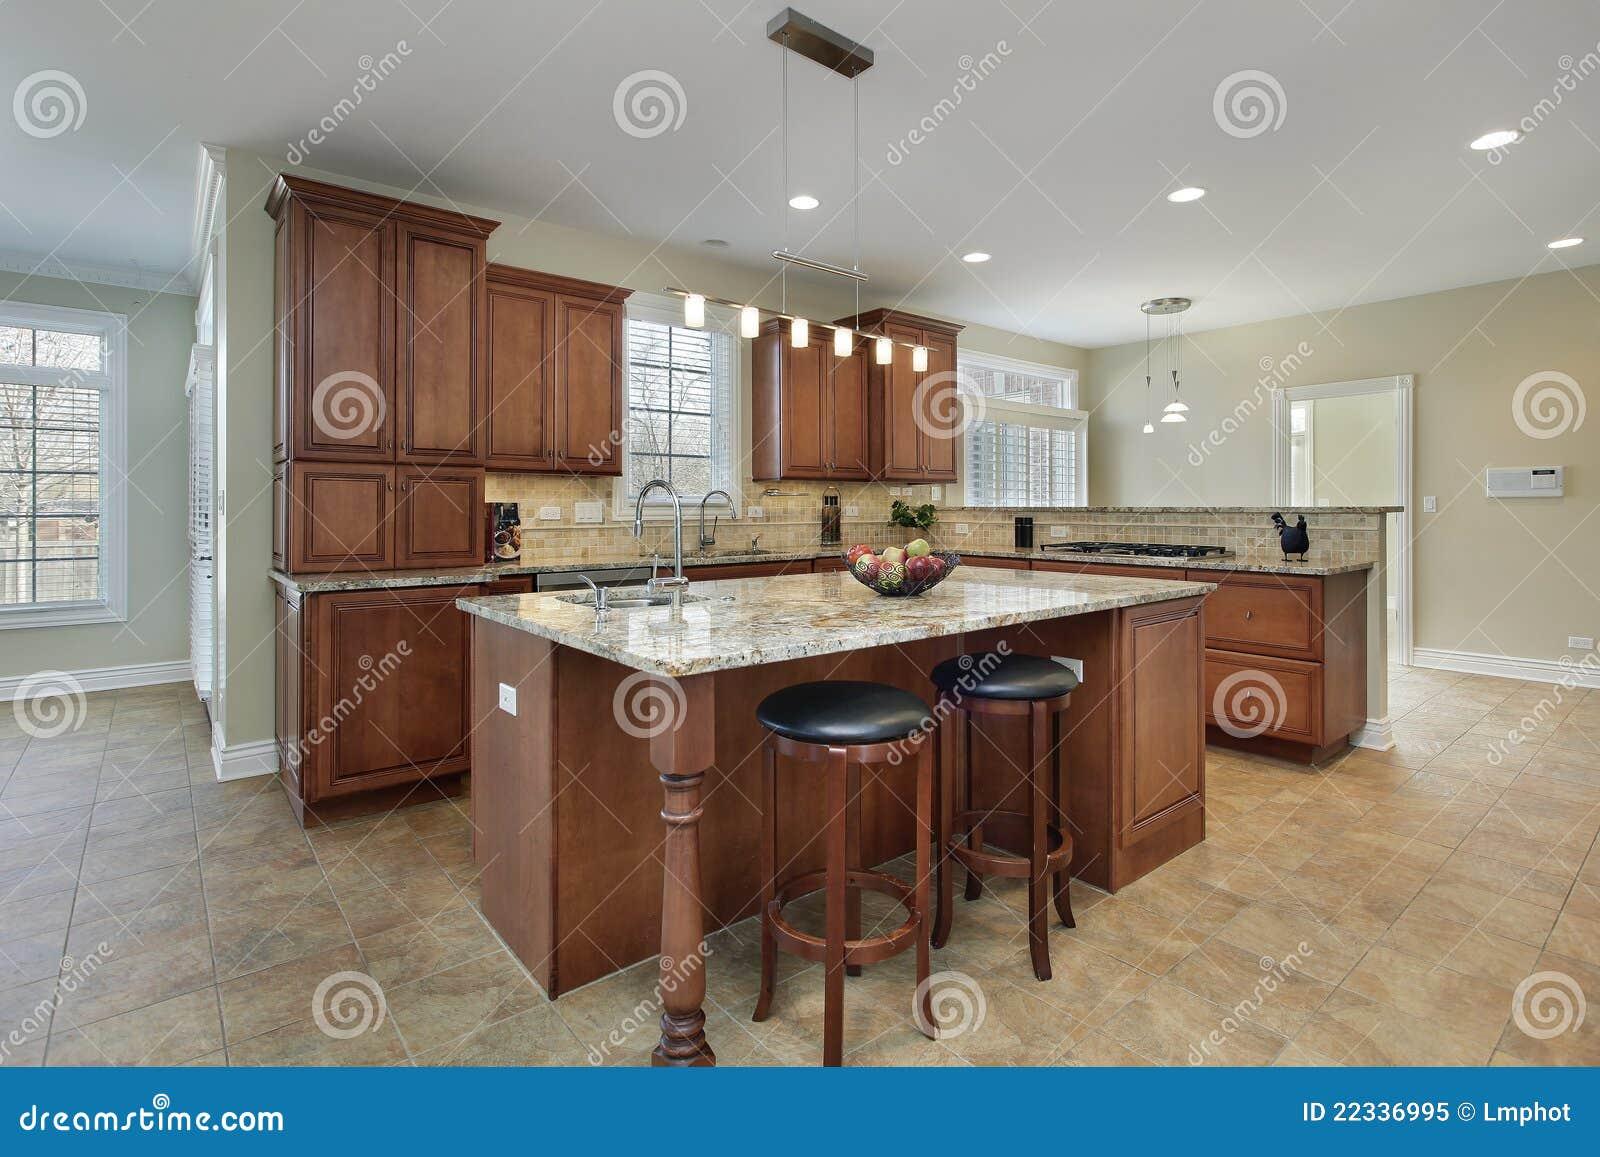 Moderne keuken met eiland royalty vrije stock foto afbeelding 22336995 - Keuken foto met eiland ...